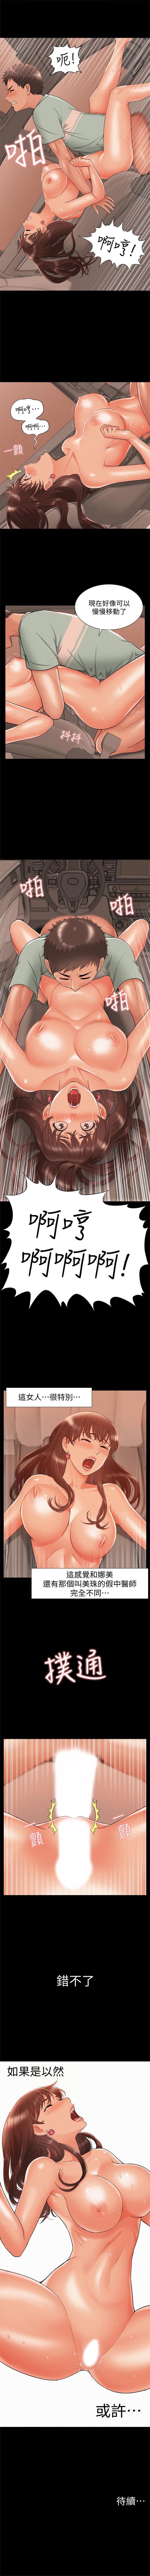 (周4)难言之隐 1-20 中文翻译(更新中) 103